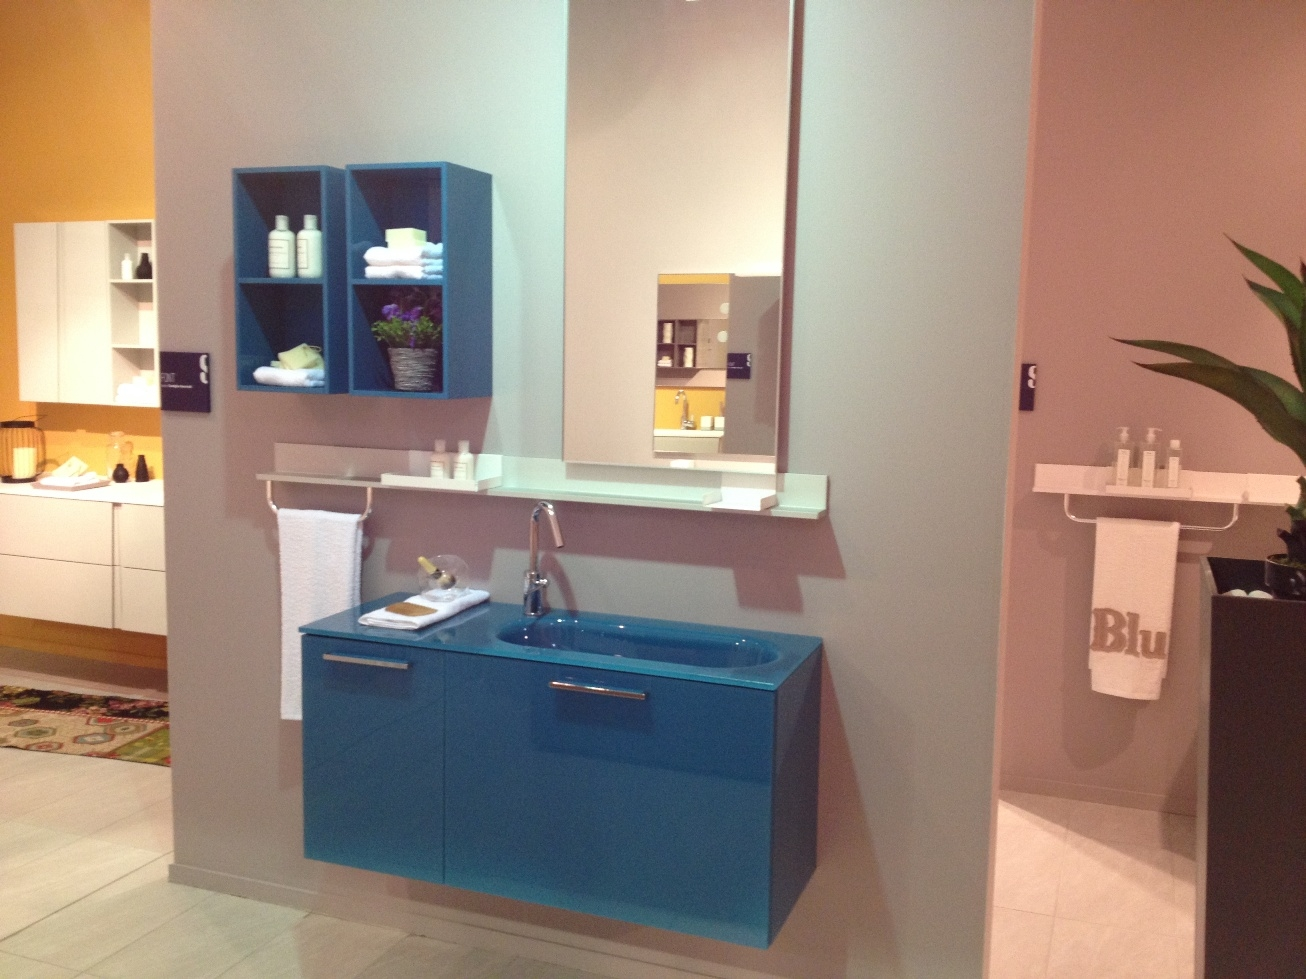 Scavolini bathrooms front vetro arredo bagno a prezzi scontati - Scavolini arredo bagno ...